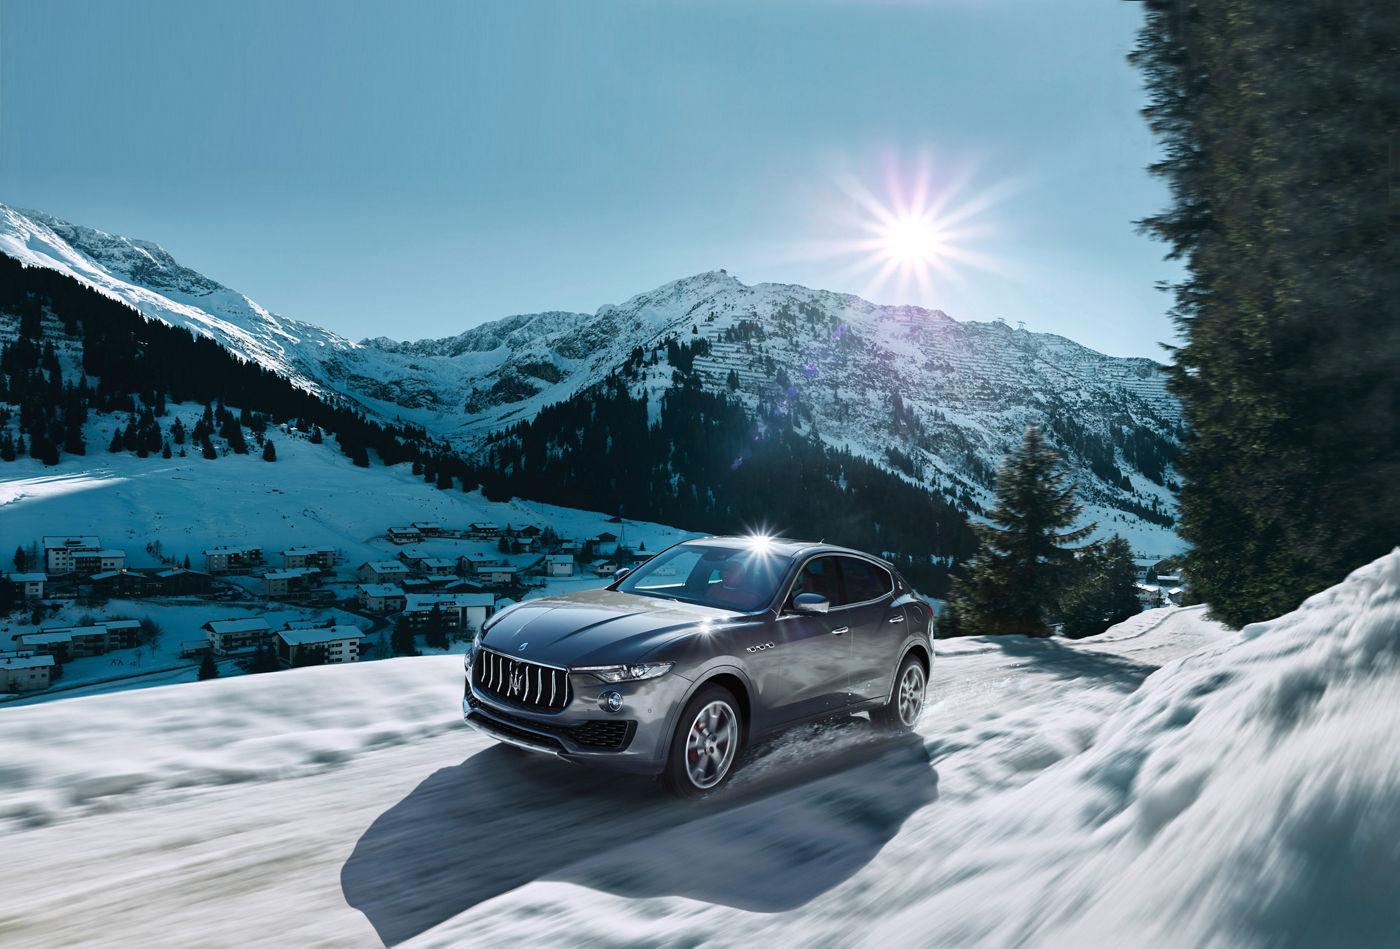 Maserati Gstaad Journey